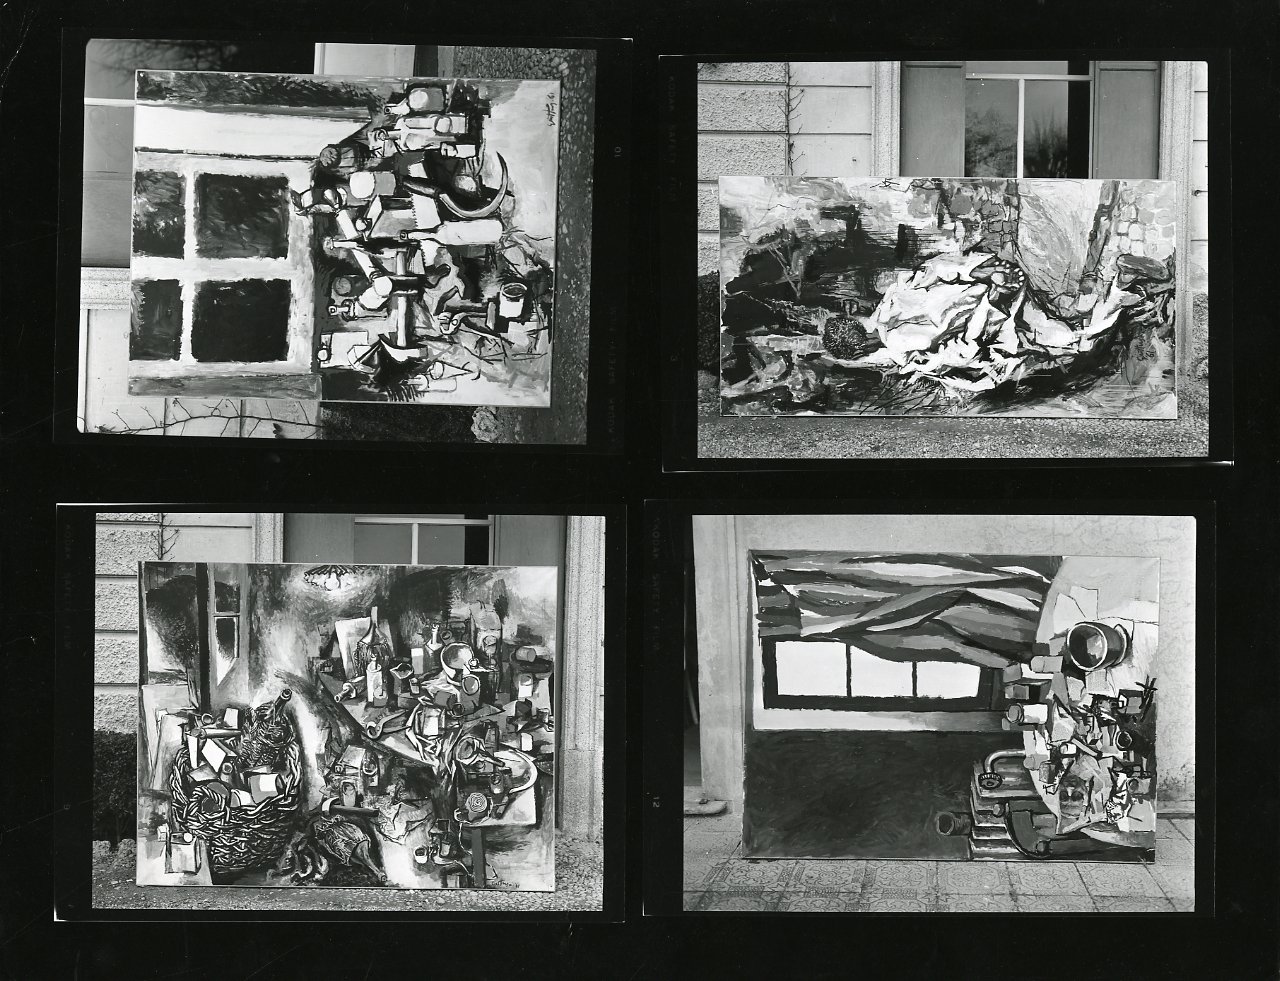 Paolo Monti - Servizio fotografico (Italia, 1961) - BEIC 6336573.jpg